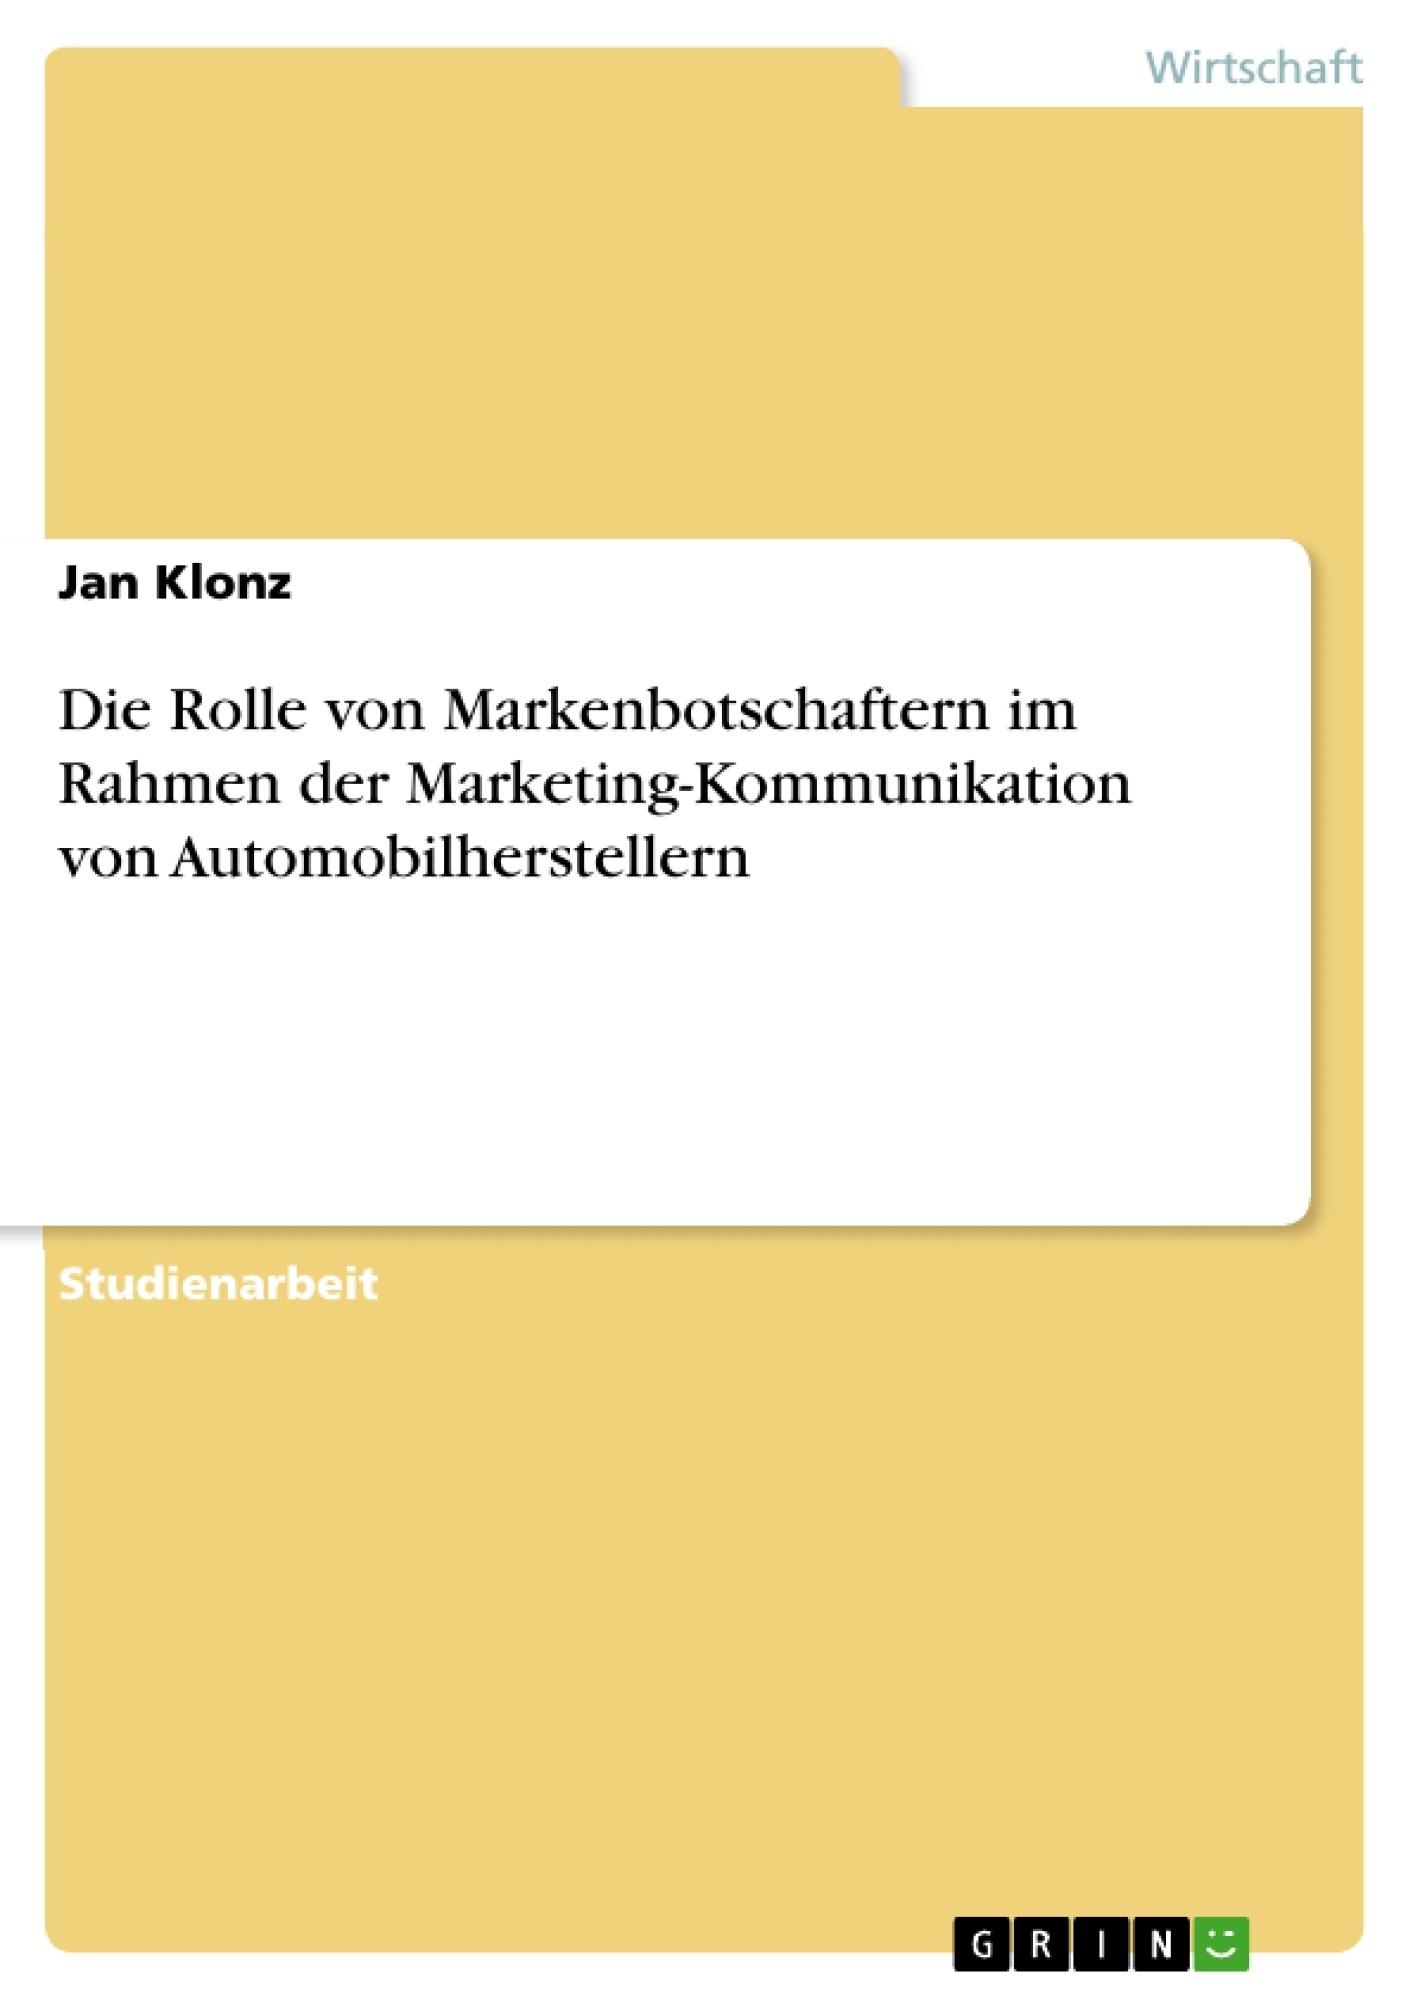 Titel: Die Rolle von Markenbotschaftern im Rahmen der Marketing-Kommunikation von  Automobilherstellern